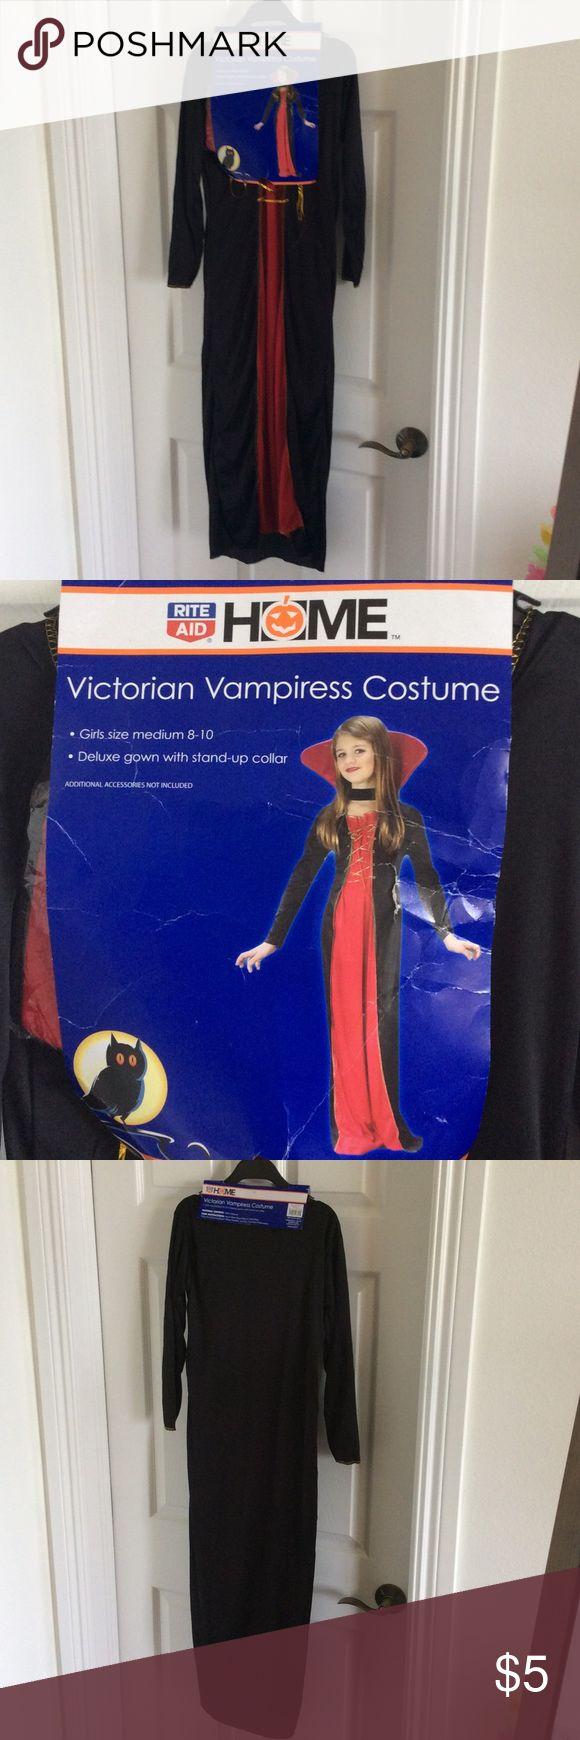 Best 25+ Victorian vampire costume ideas on Pinterest | Victorian ...